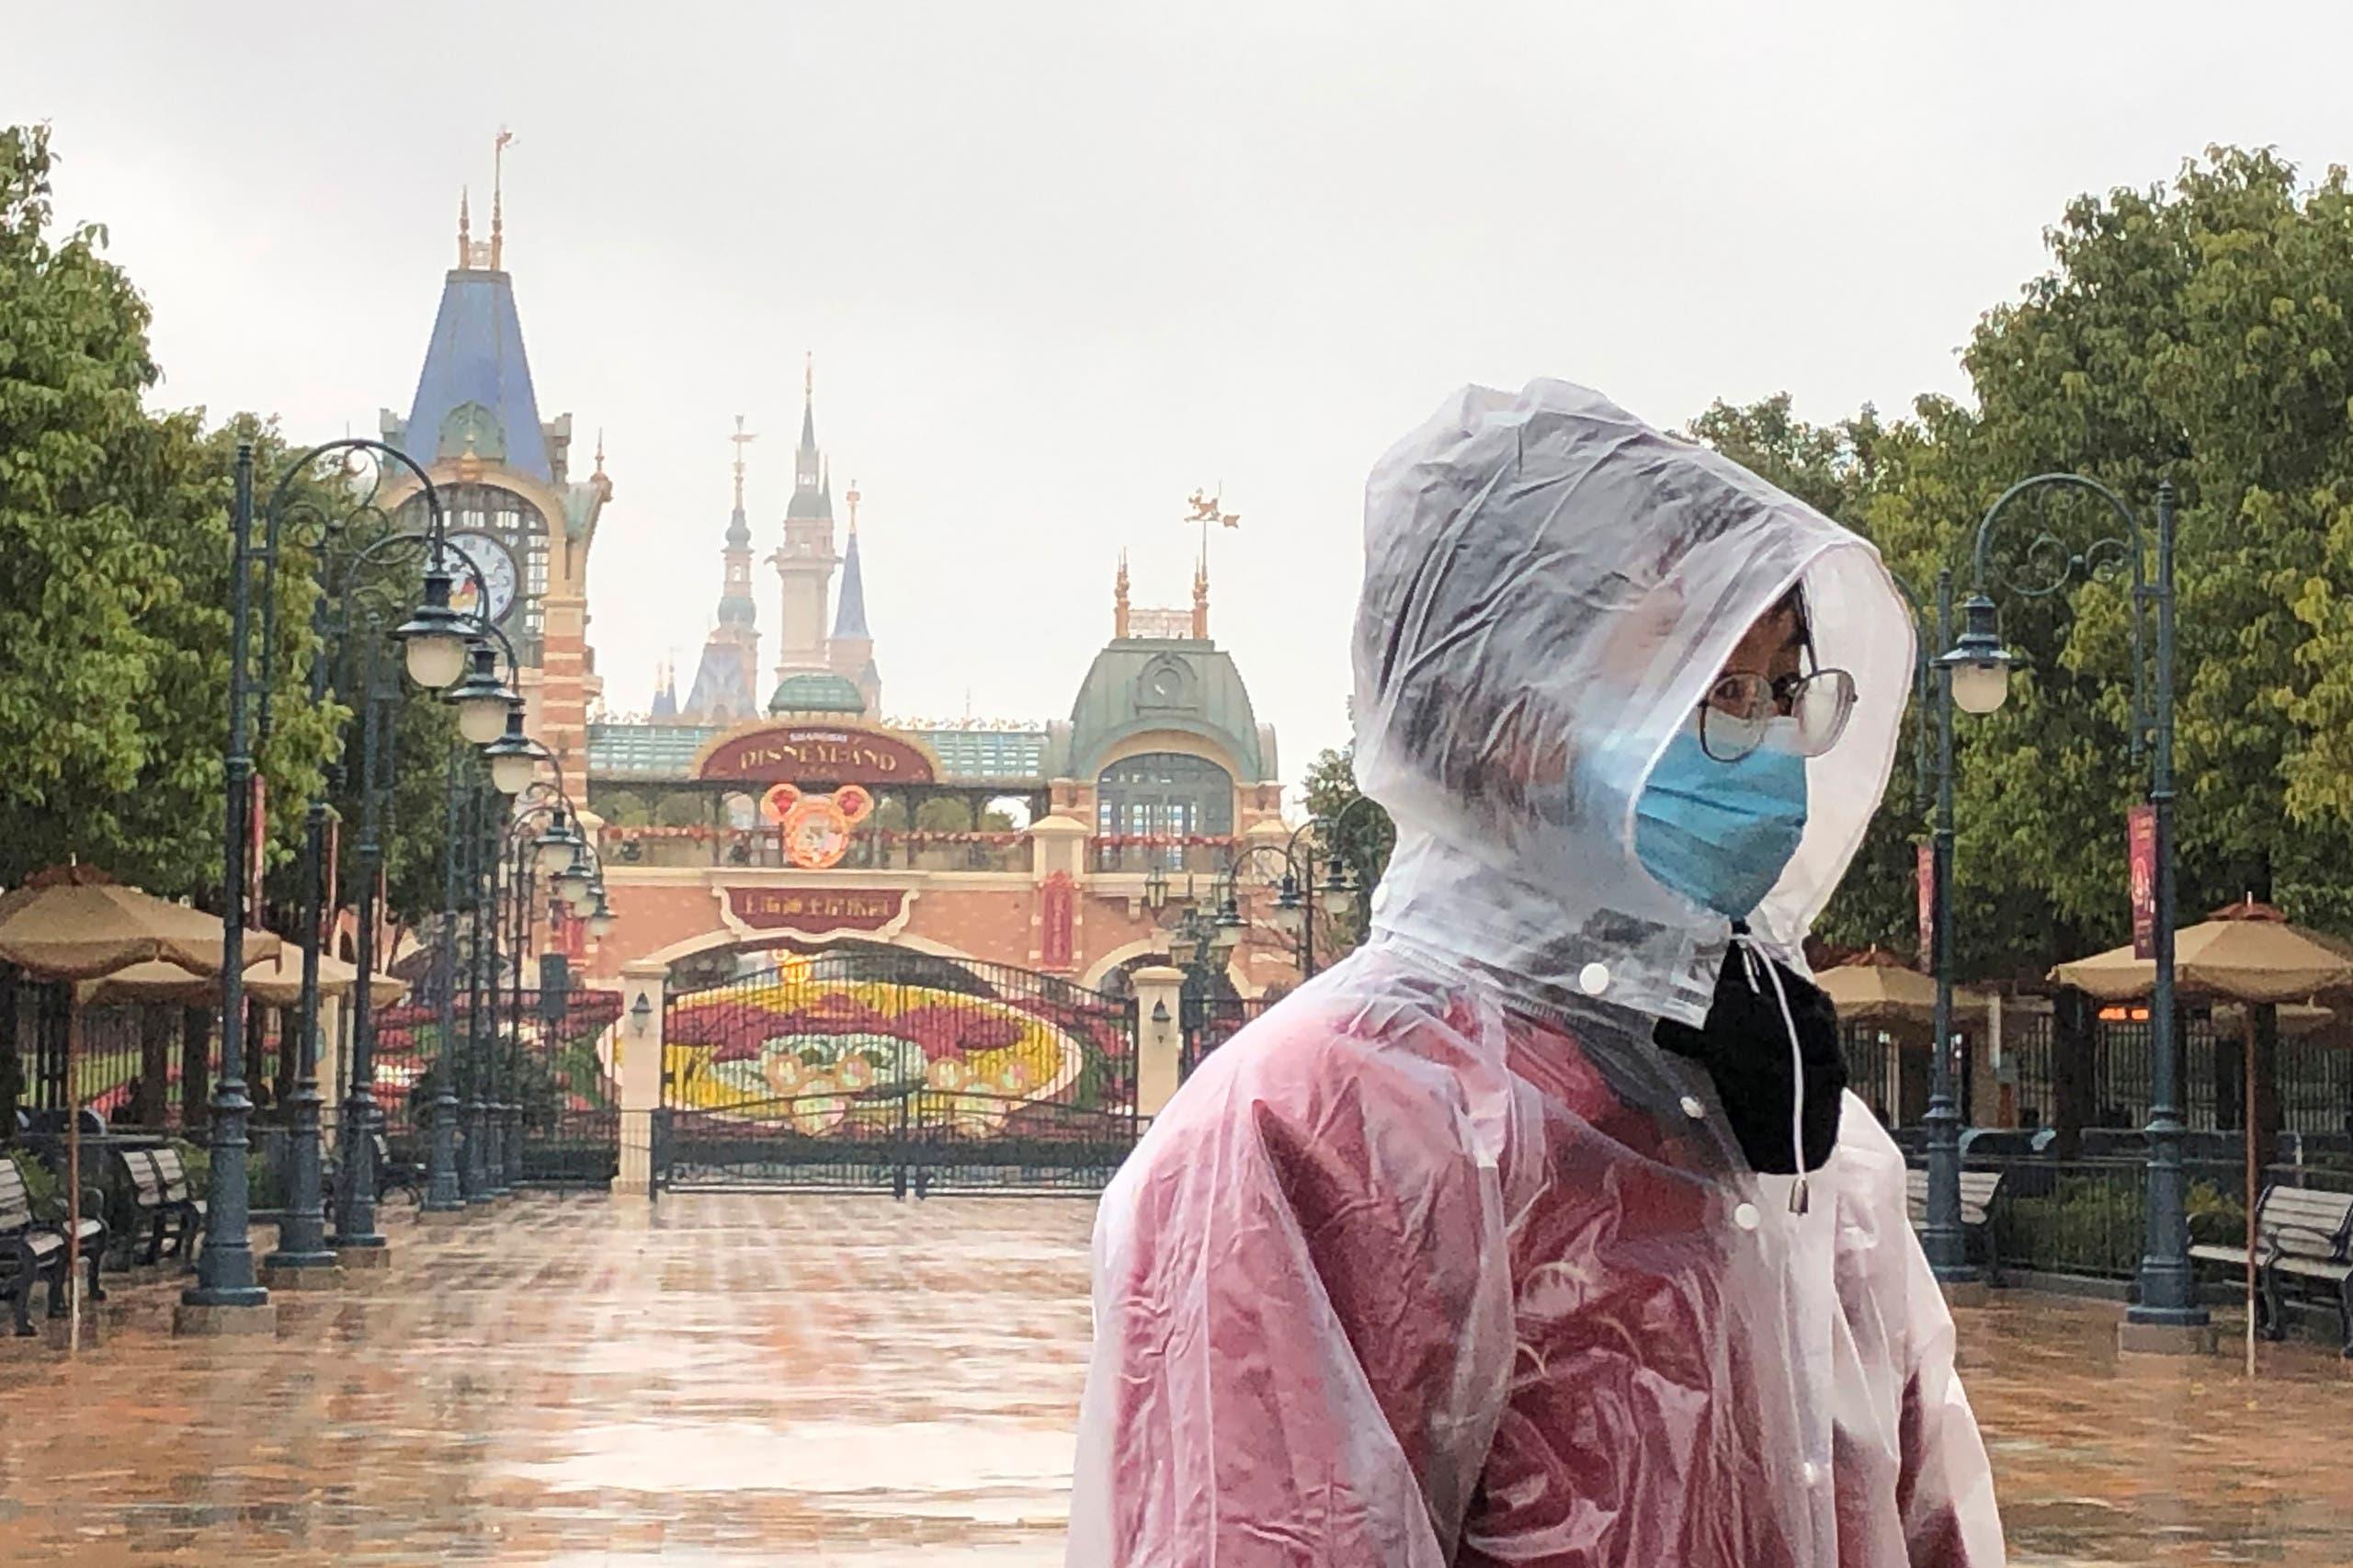 إغلاق ديزني لاند في هونغ كونغ بسبب الفيروس